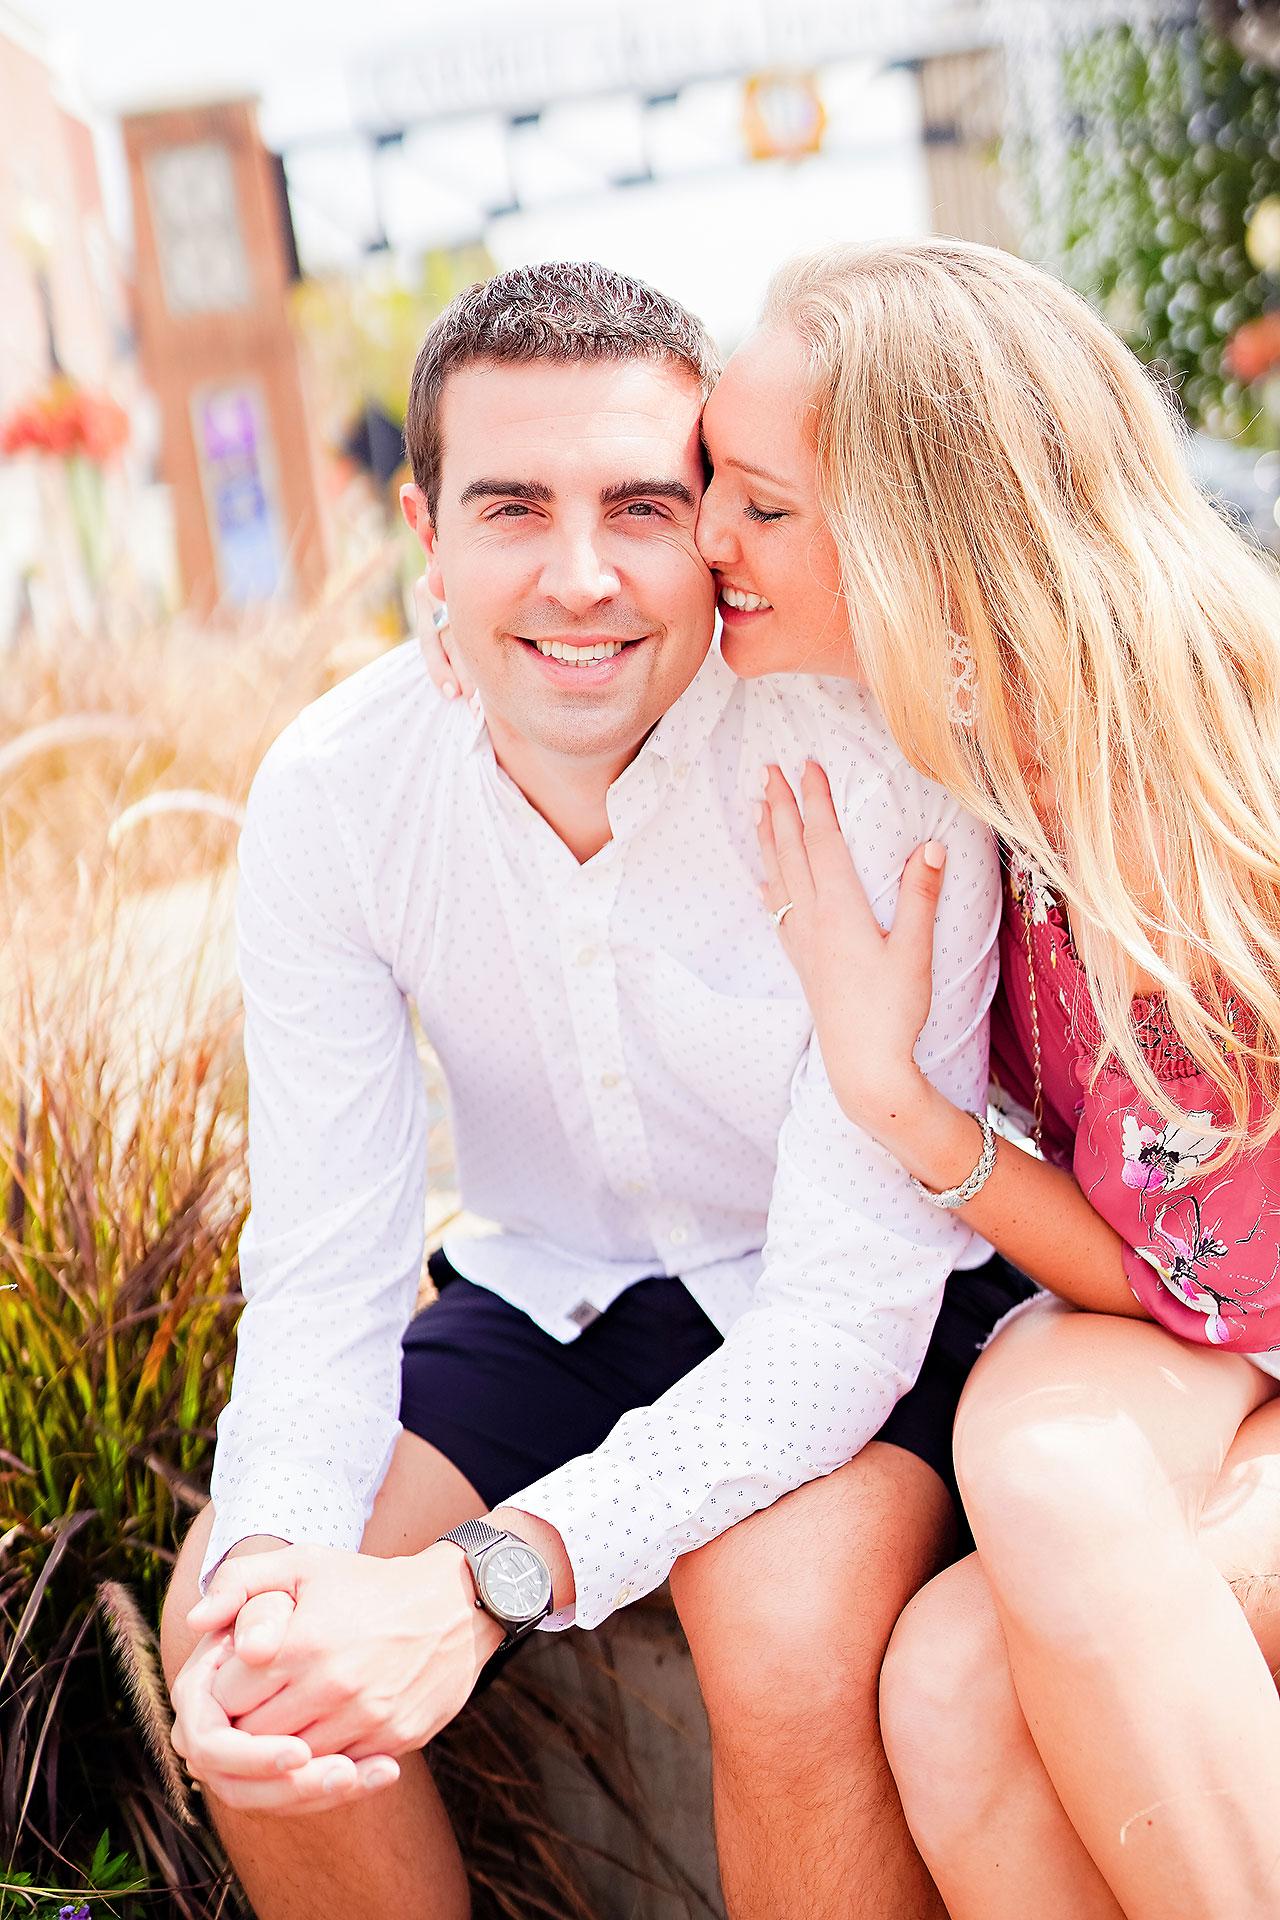 Liz Zach Midtown Carmel Engagement Session 030